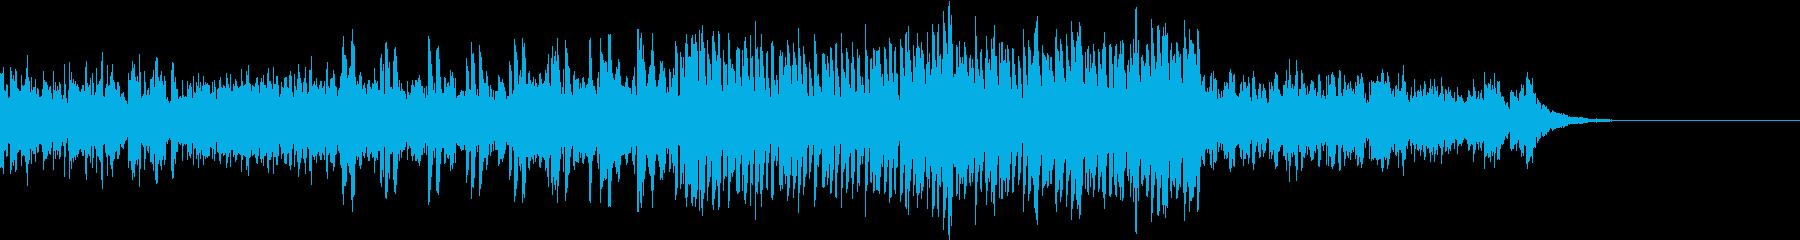 エレクトロ:力強くラグジュアリーな雰囲気の再生済みの波形